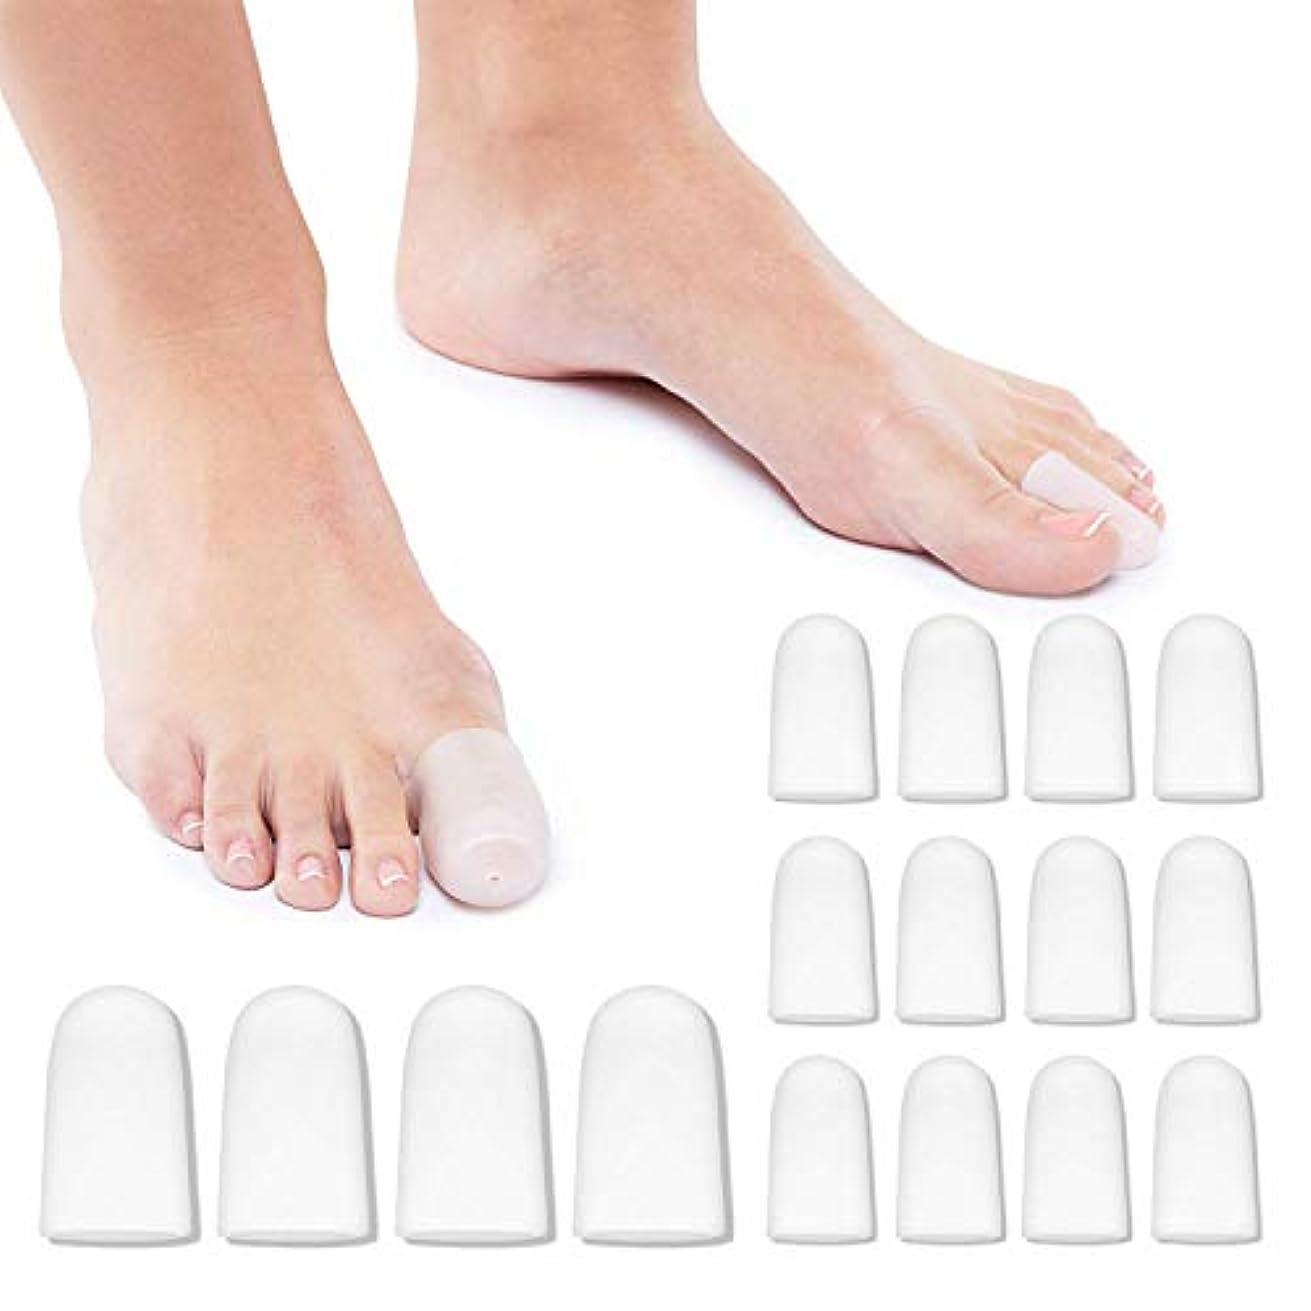 バレルコールトレーニング8ペアセット 足指保護キャップ シリコンキャップ 趾痛み軽減 男女兼用